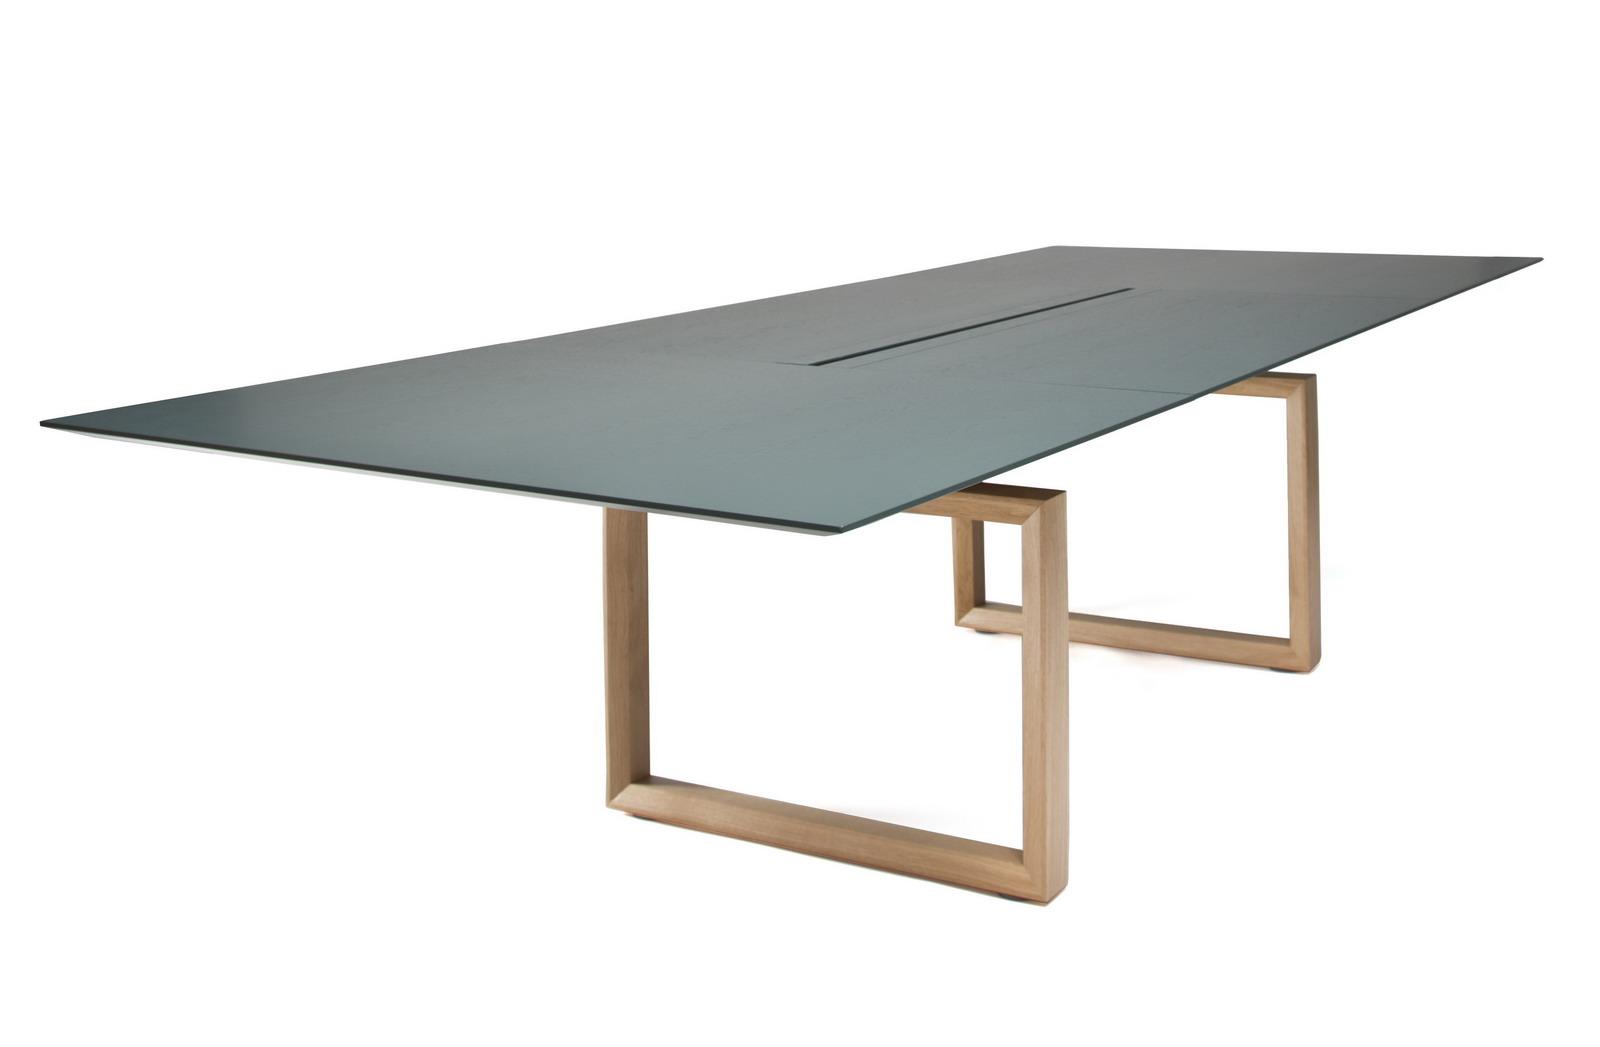 Nordic Design Companies